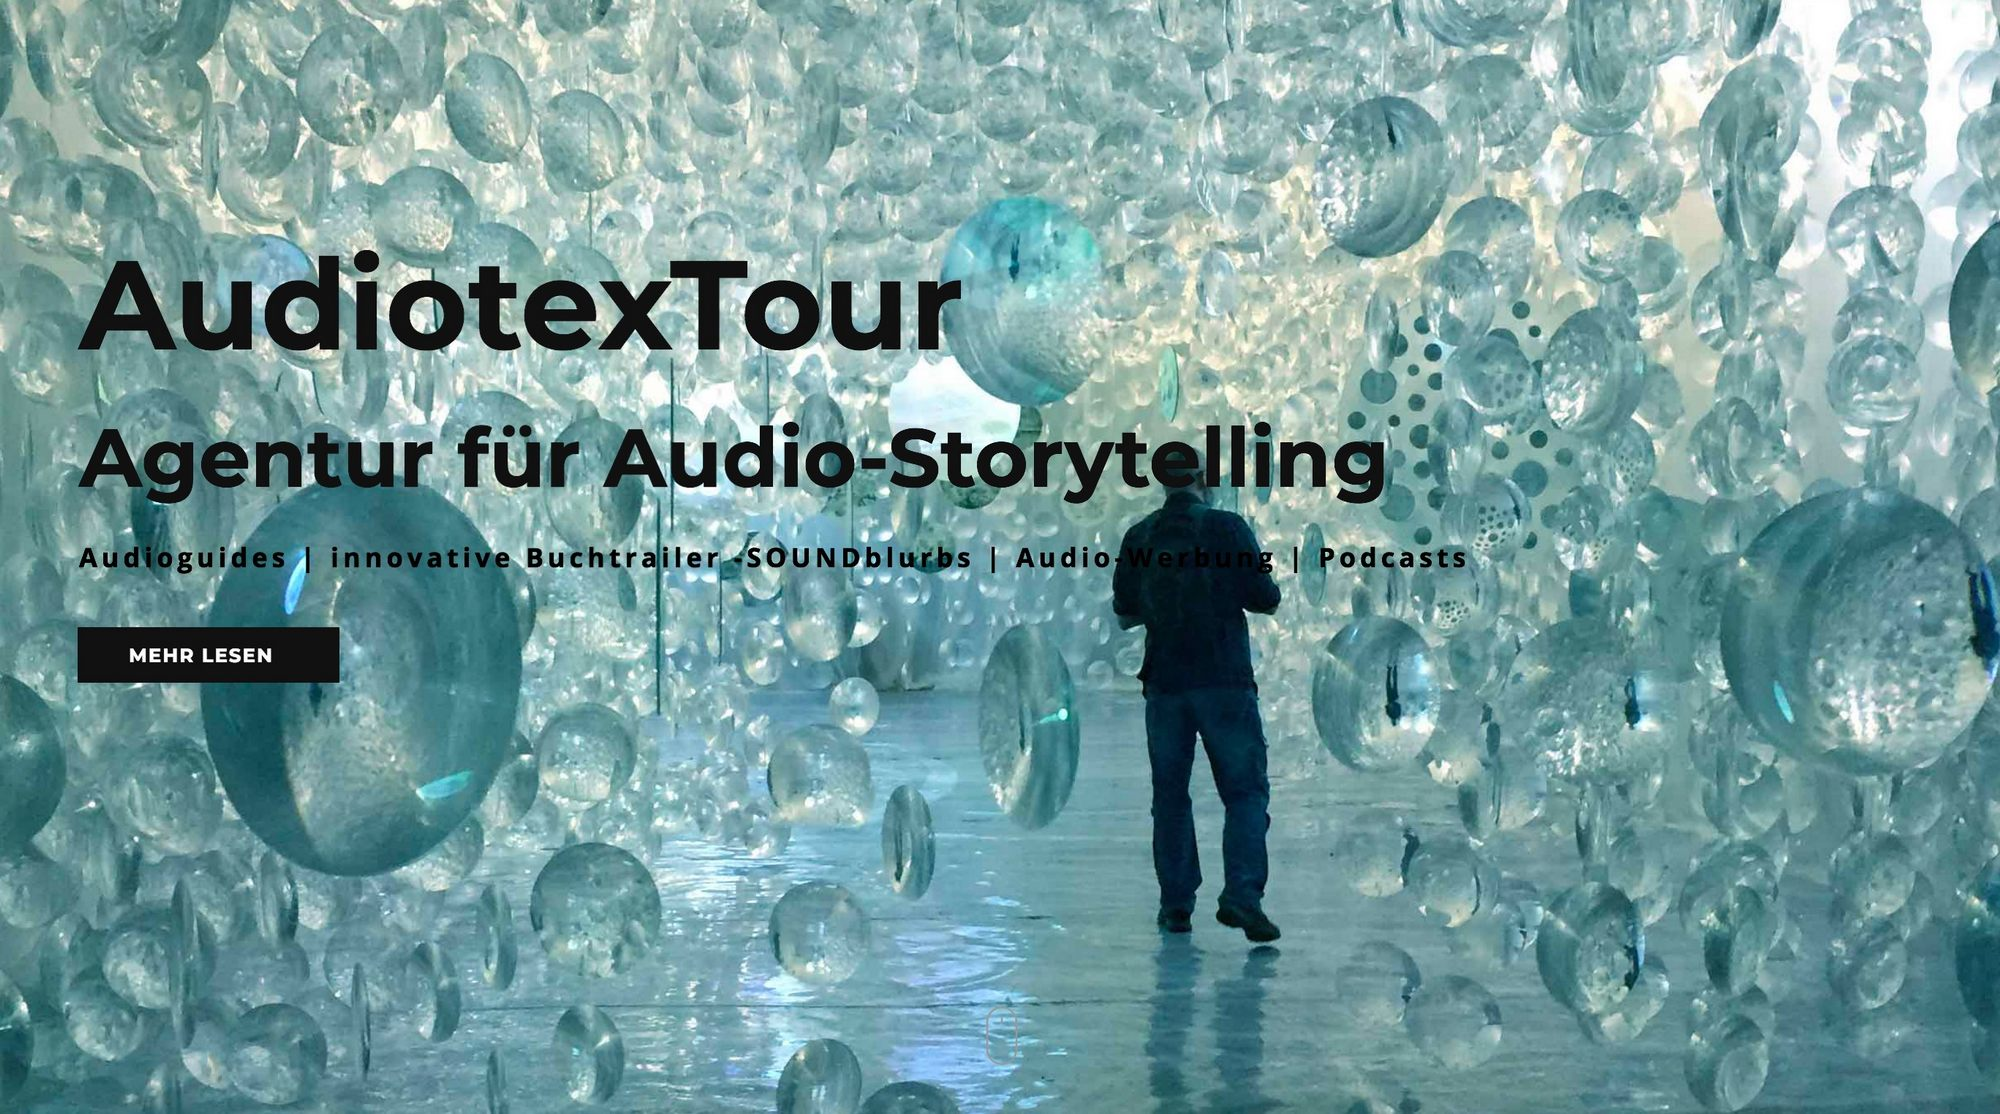 """Keyvisual """"Podcast und Storytelling für KMU zum Selbermachen"""" (Bildquelle: AudiotexTour)"""